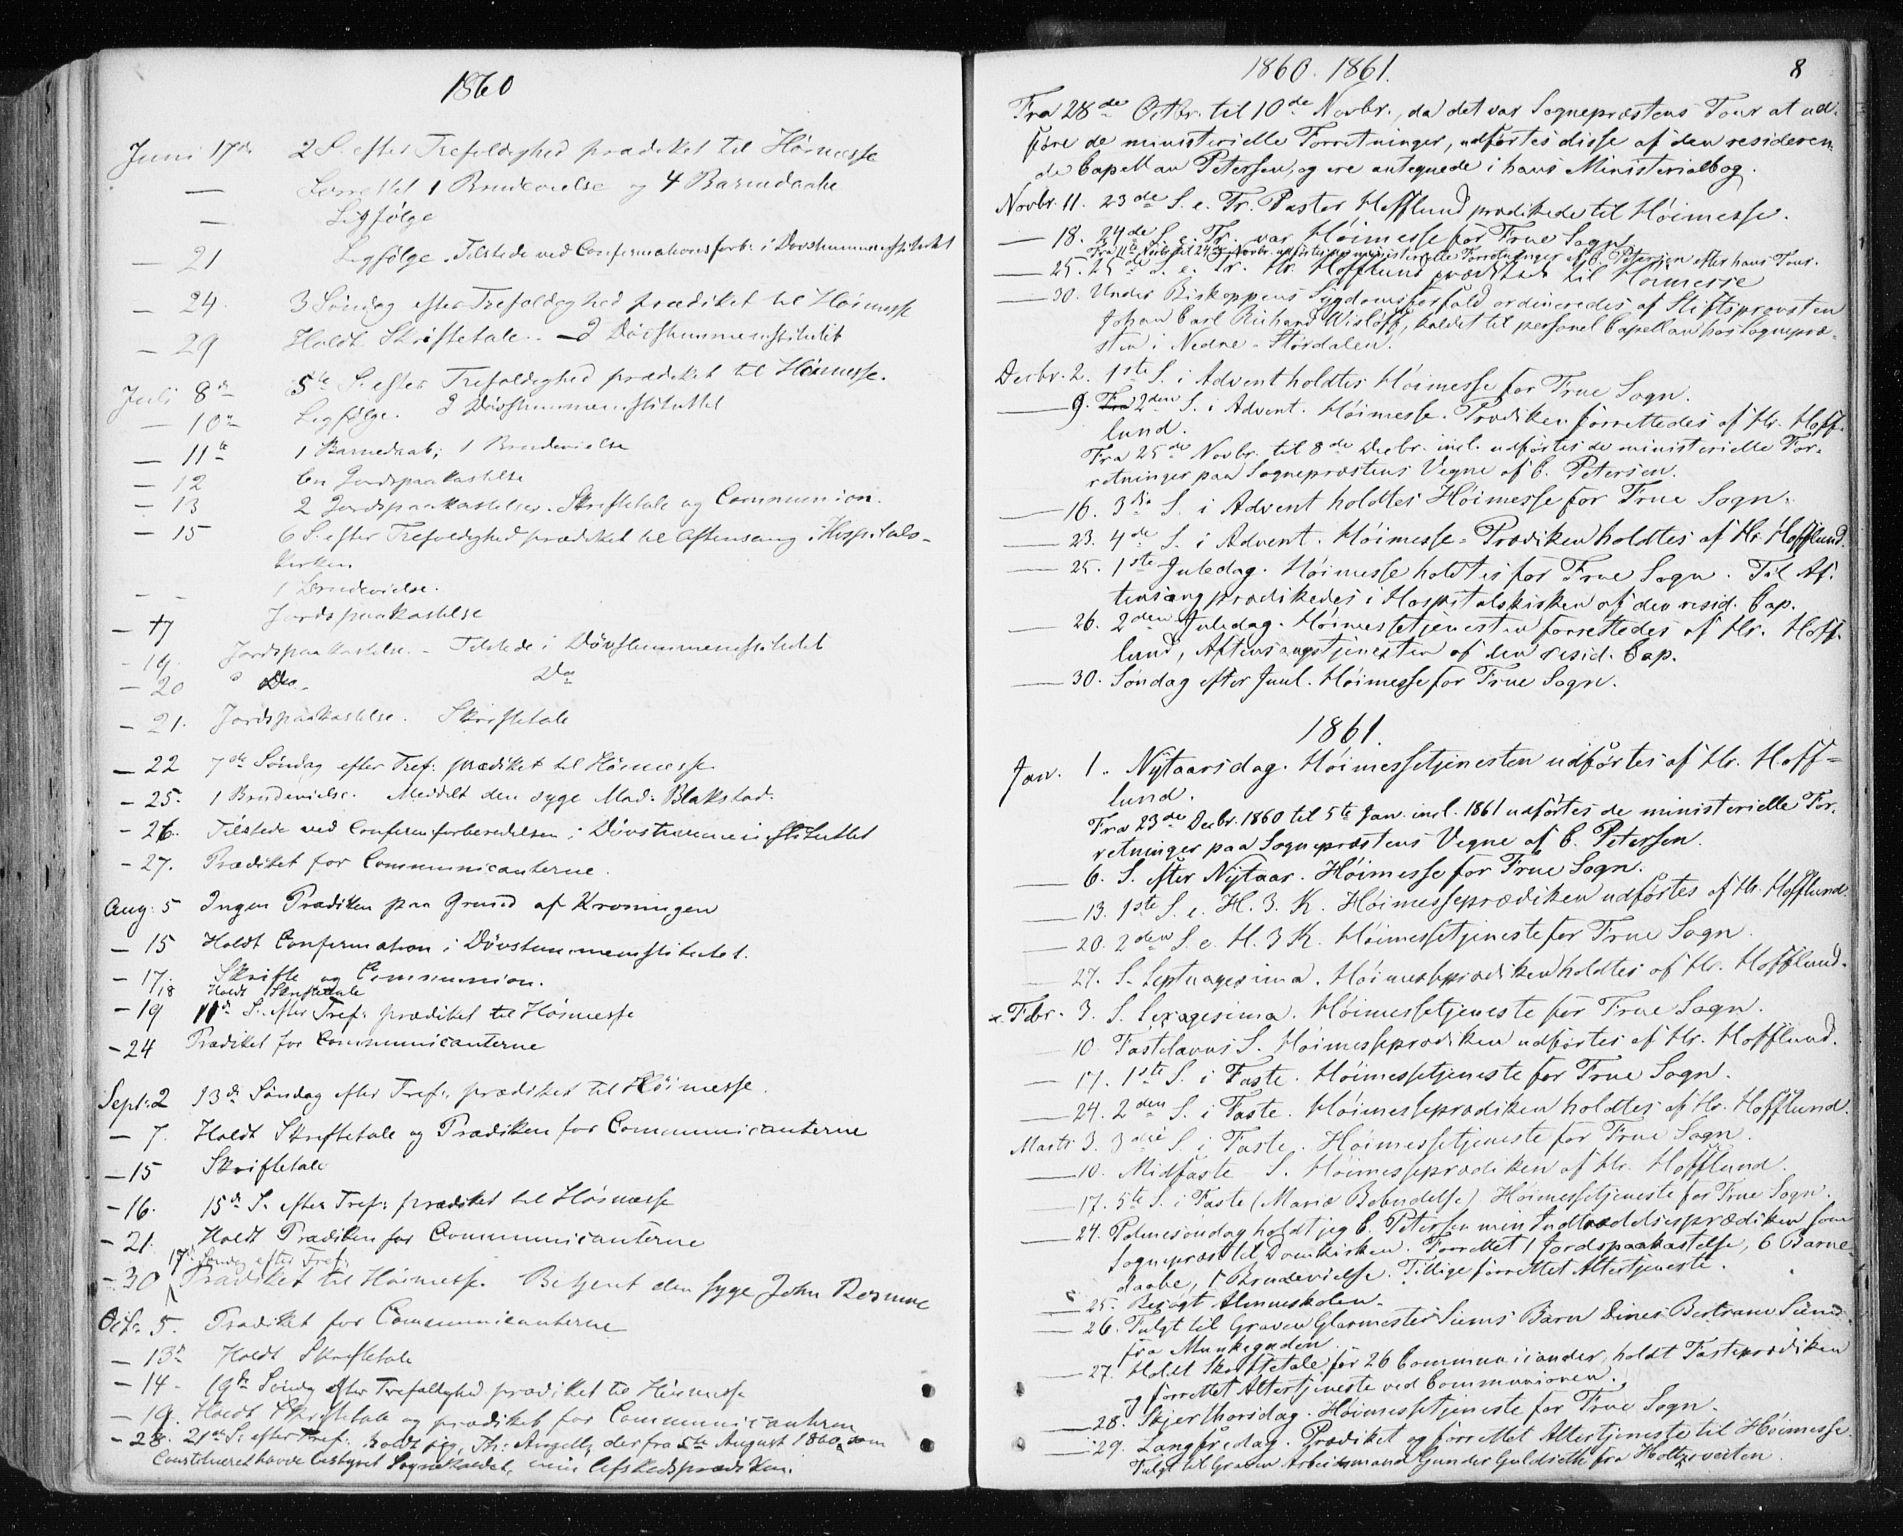 SAT, Ministerialprotokoller, klokkerbøker og fødselsregistre - Sør-Trøndelag, 601/L0053: Ministerialbok nr. 601A21, 1857-1865, s. 8